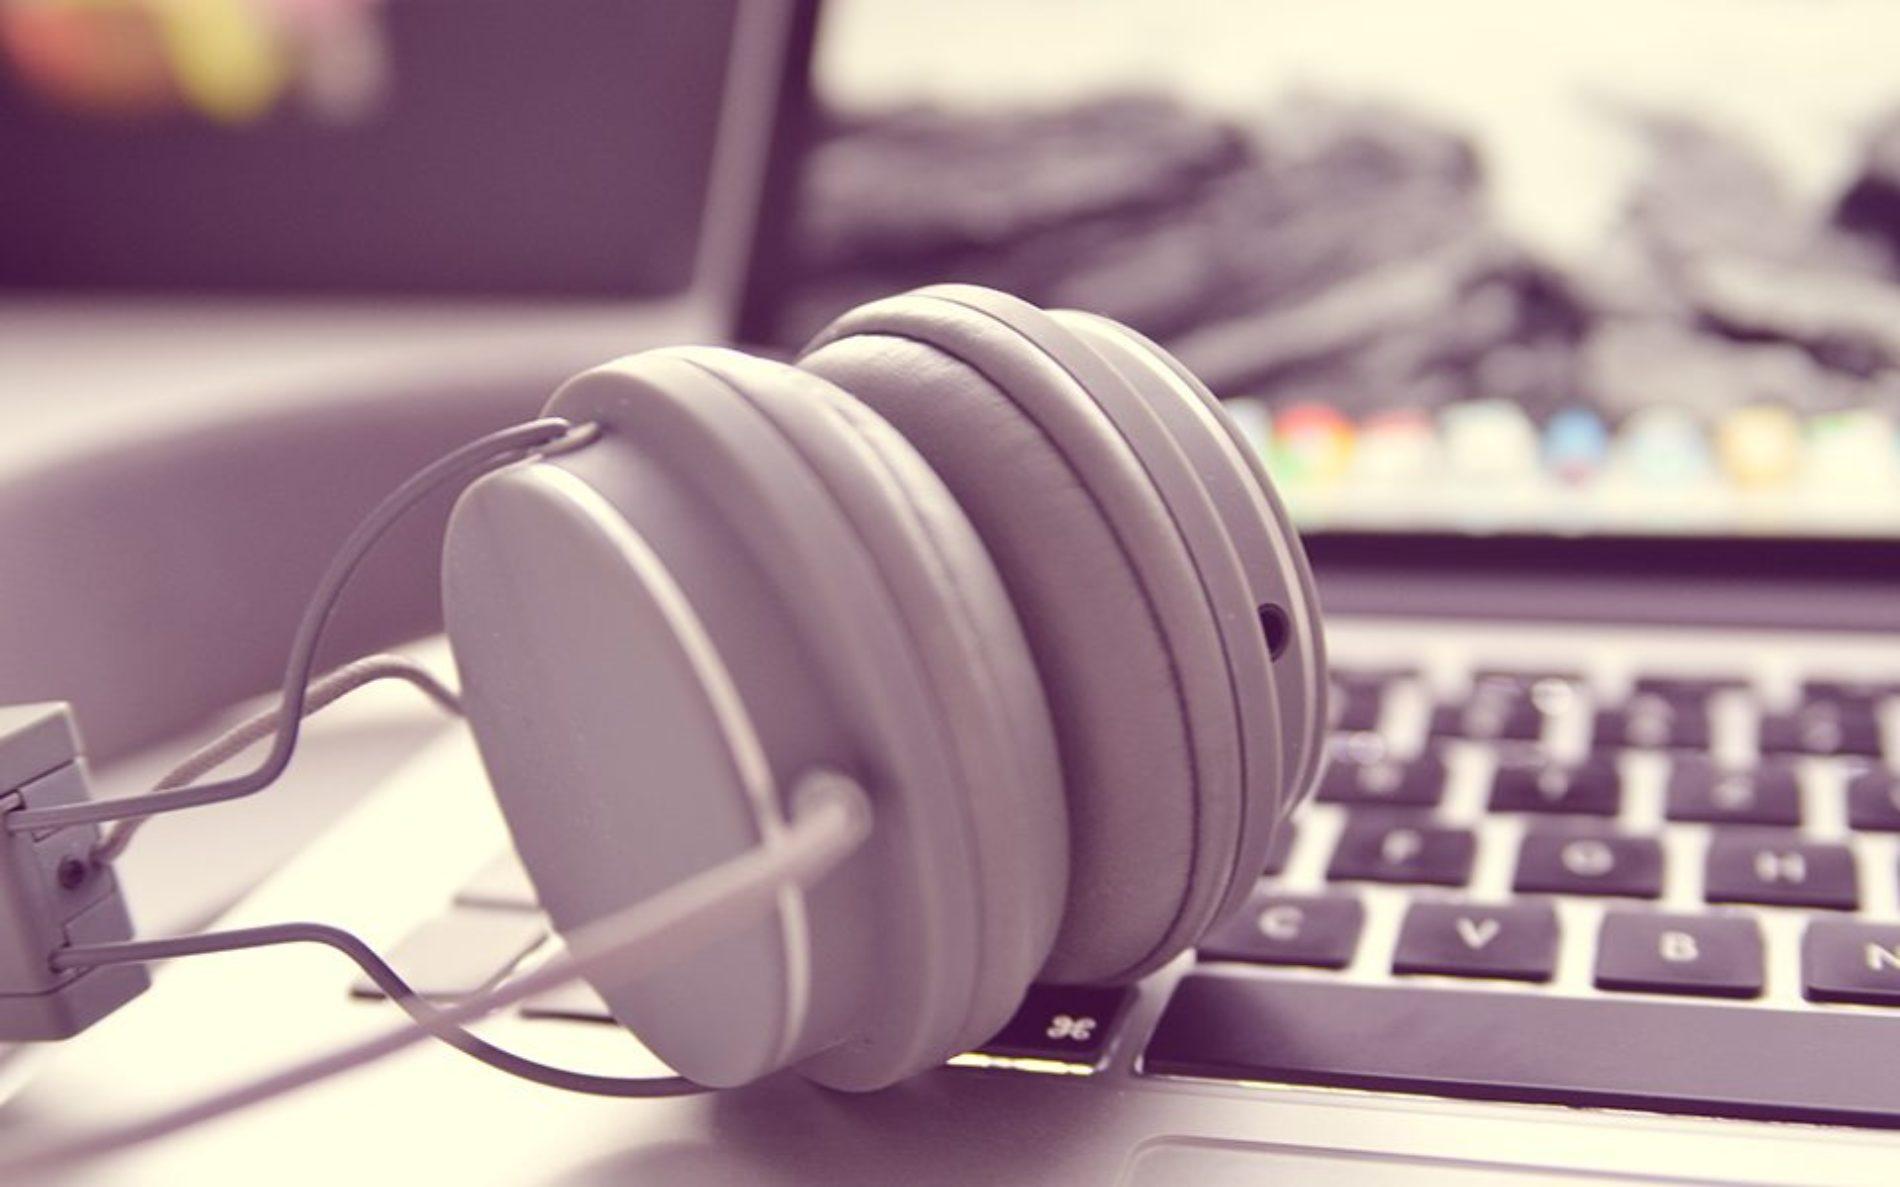 Portugueses têm ouvido mais rádio através da internet